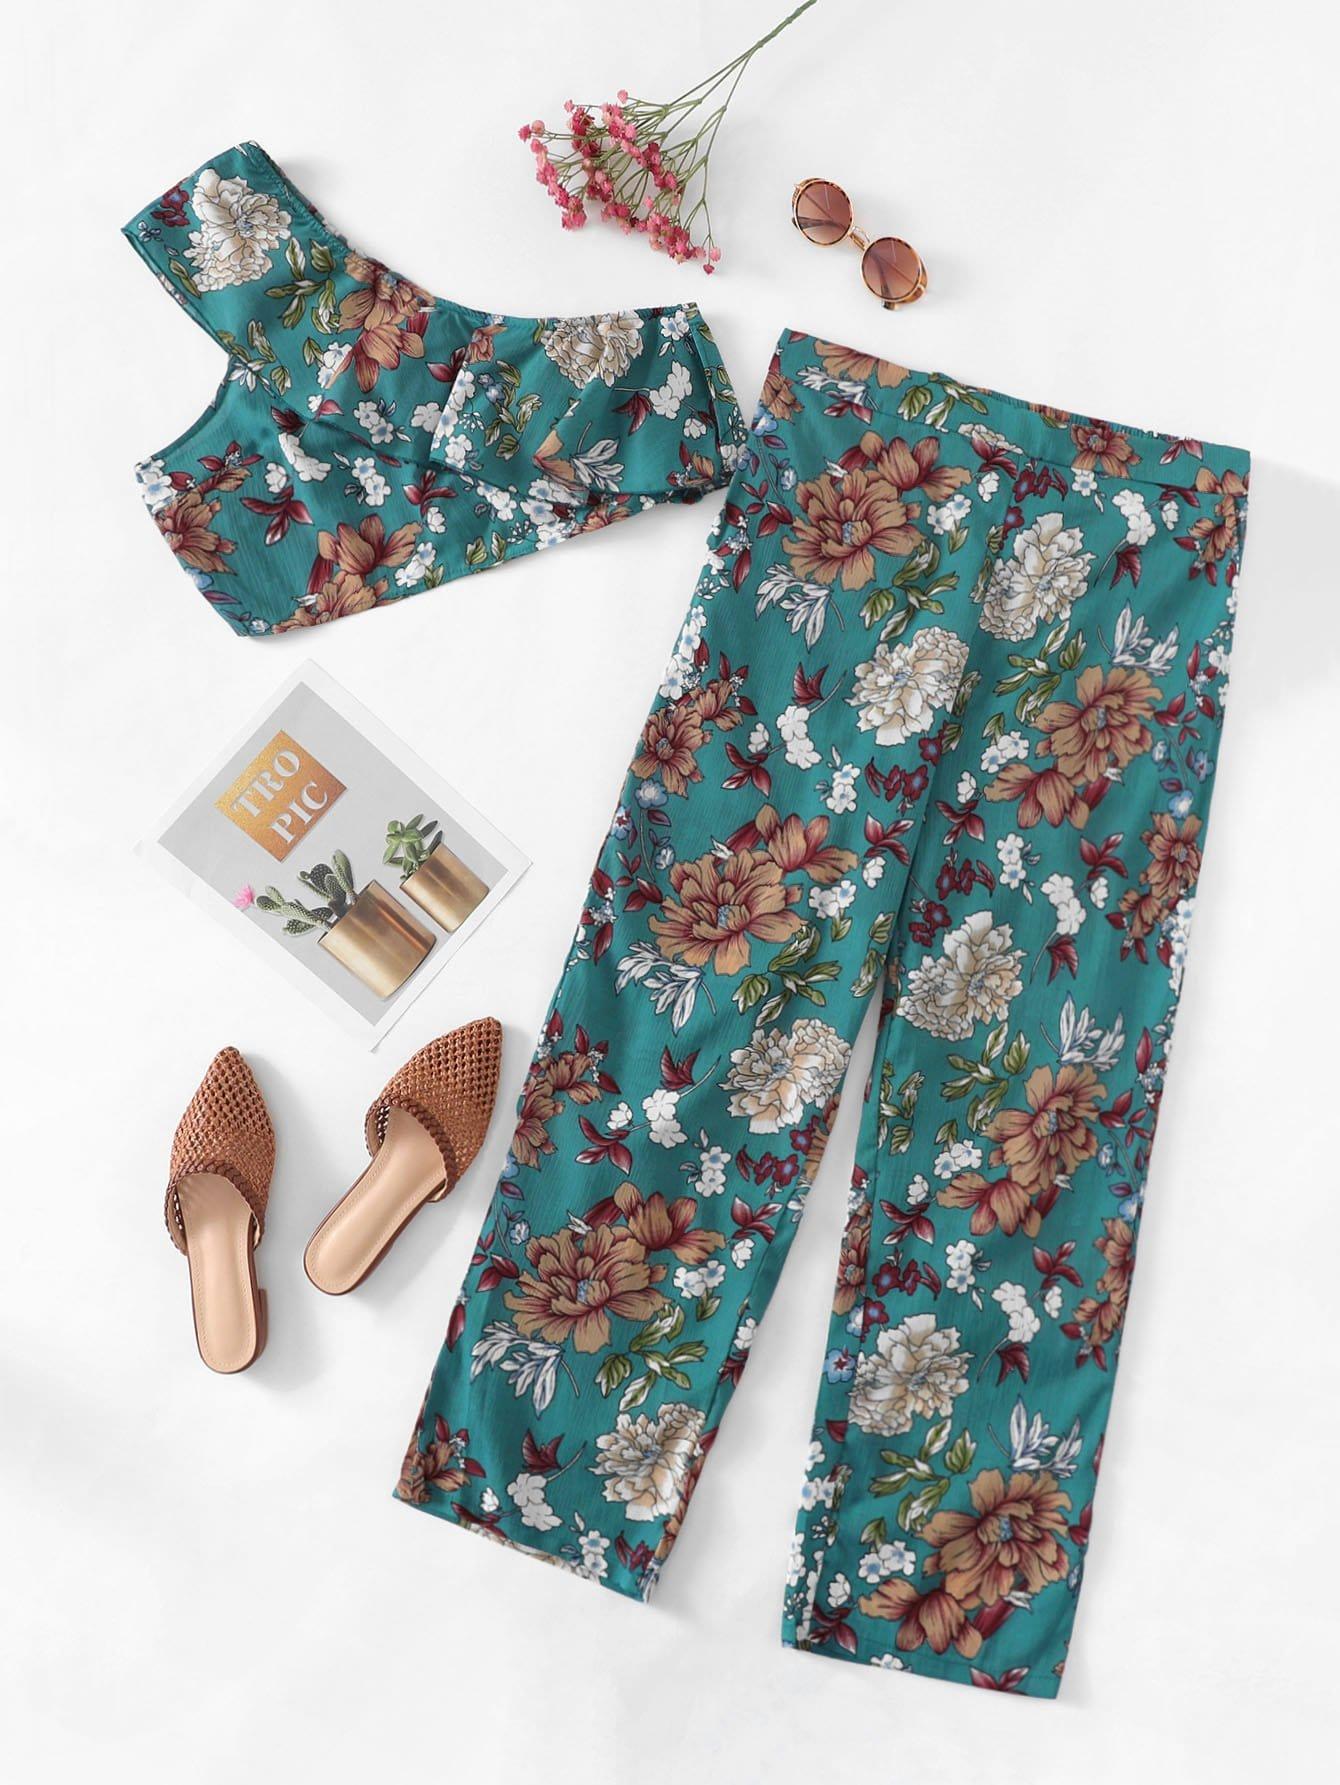 Купить Ситцевая блузка и ожно плечо с розеткой и брюки, null, SheIn